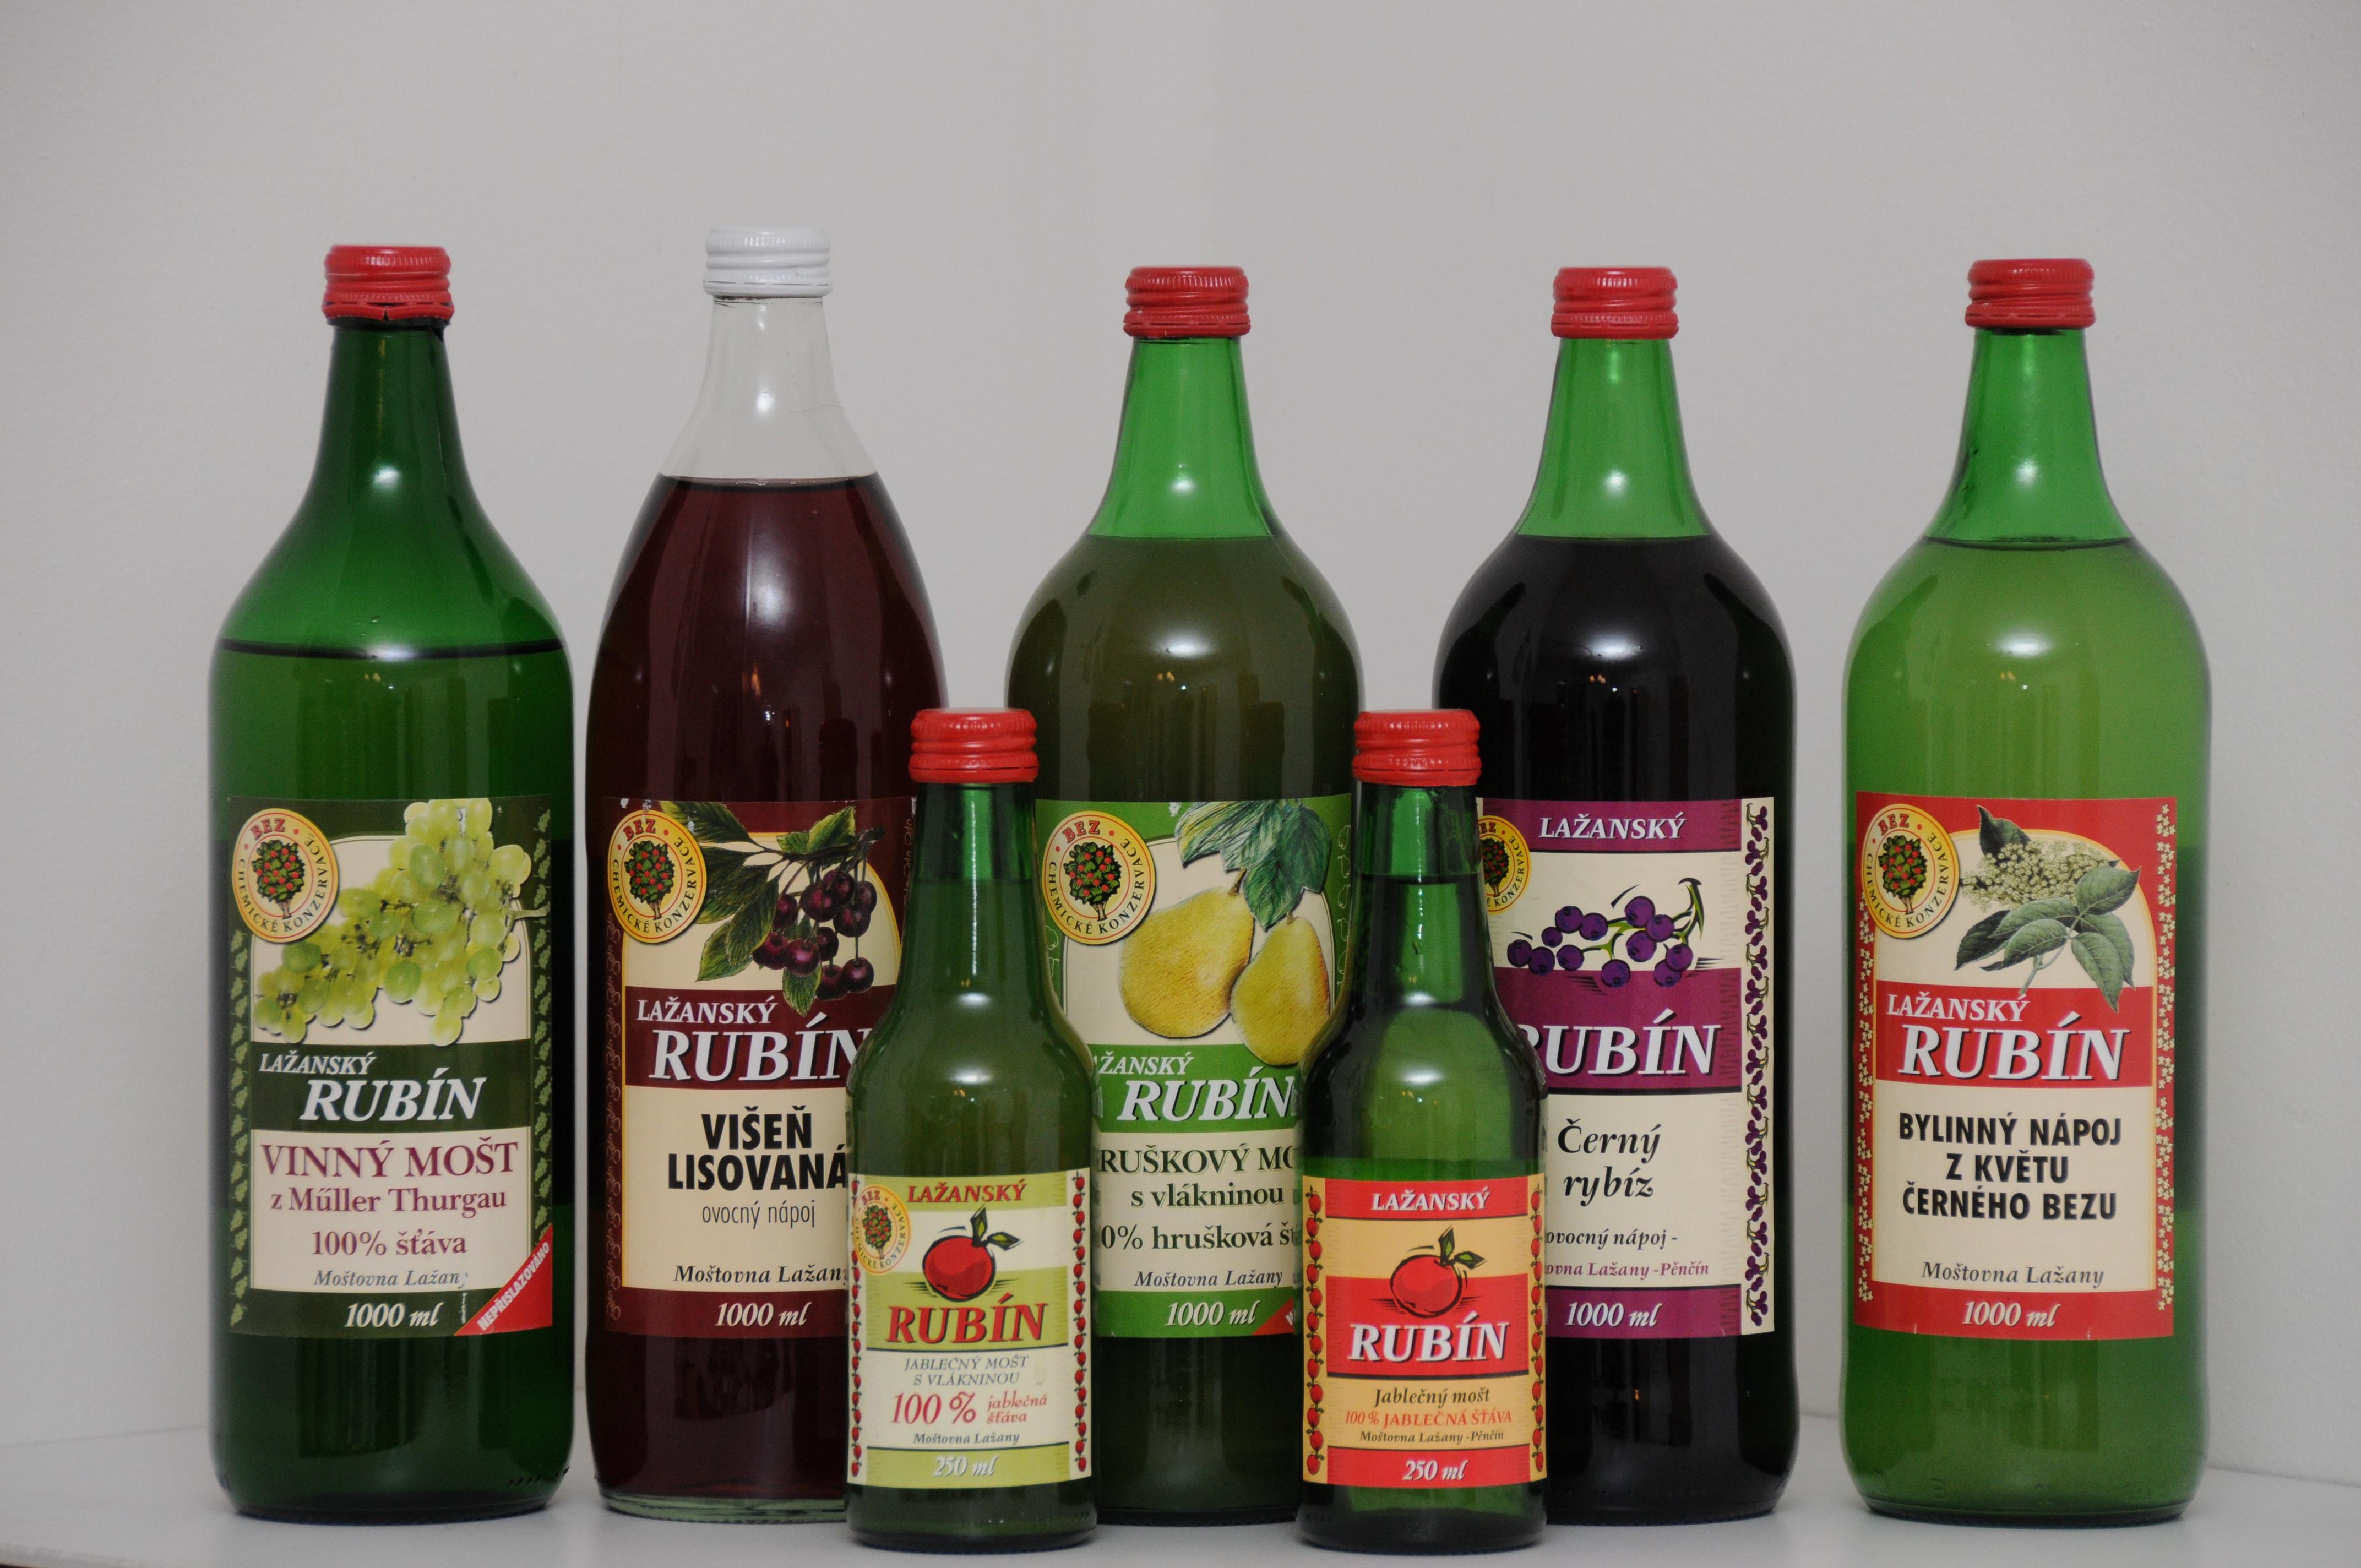 Mošty z Moštovny Lažany, výrobny nápojů, spol.s.r.o., obrázek se otevře v novém okně